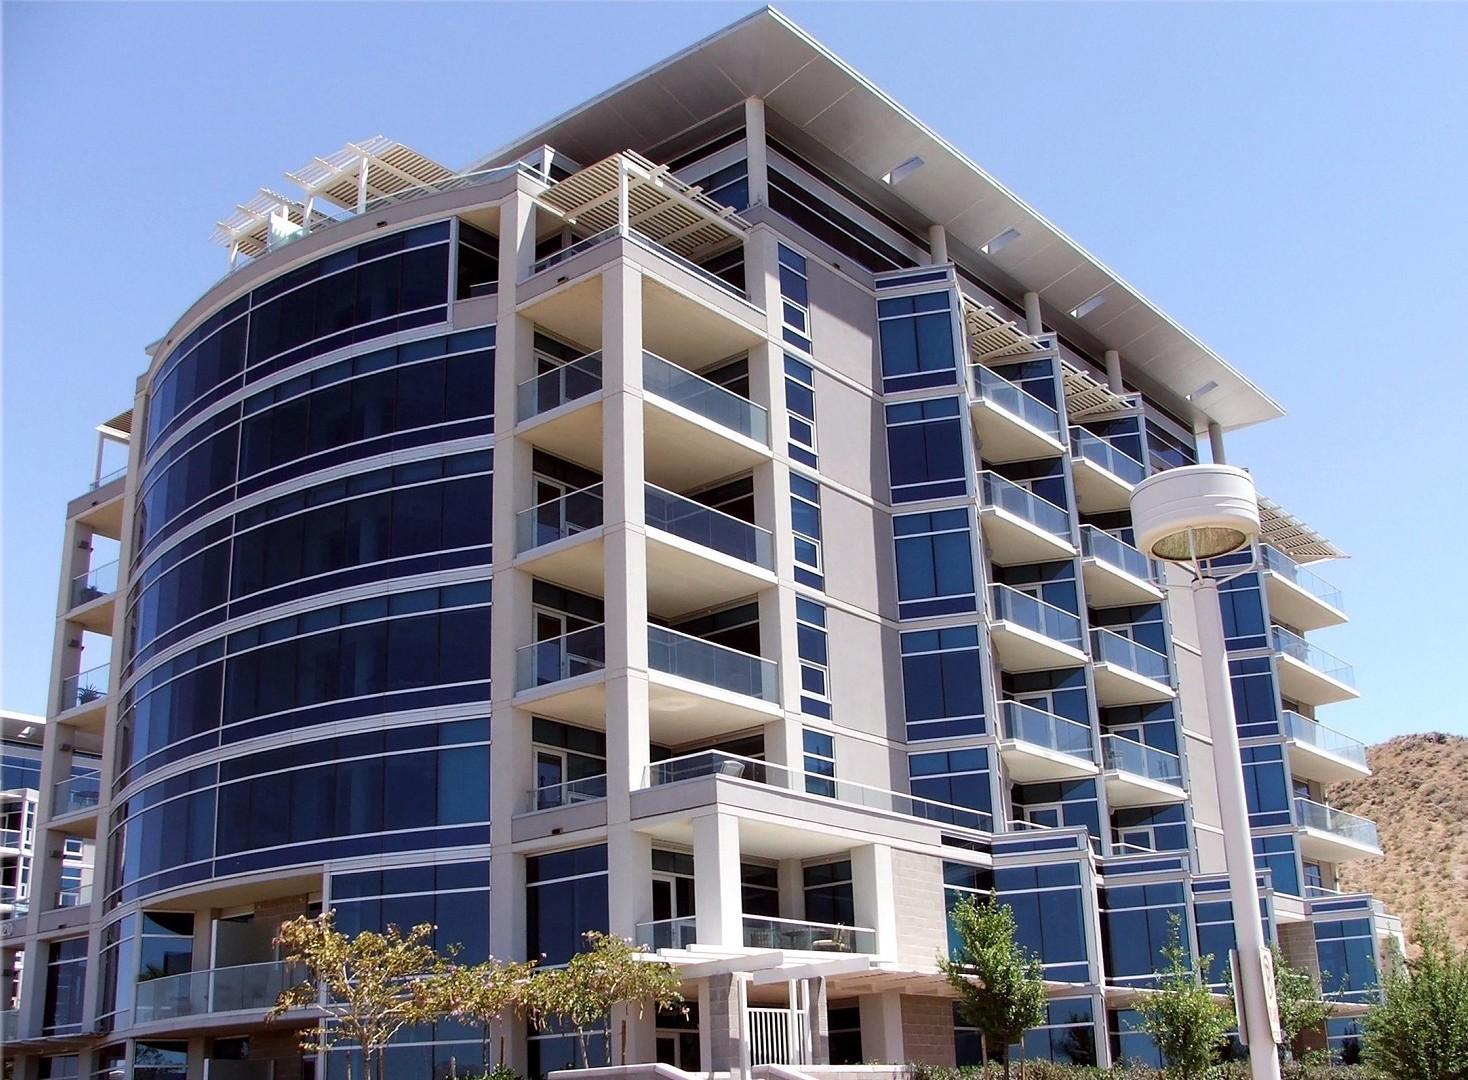 Assicurazione condominio chi paga tra proprietario e inquilino